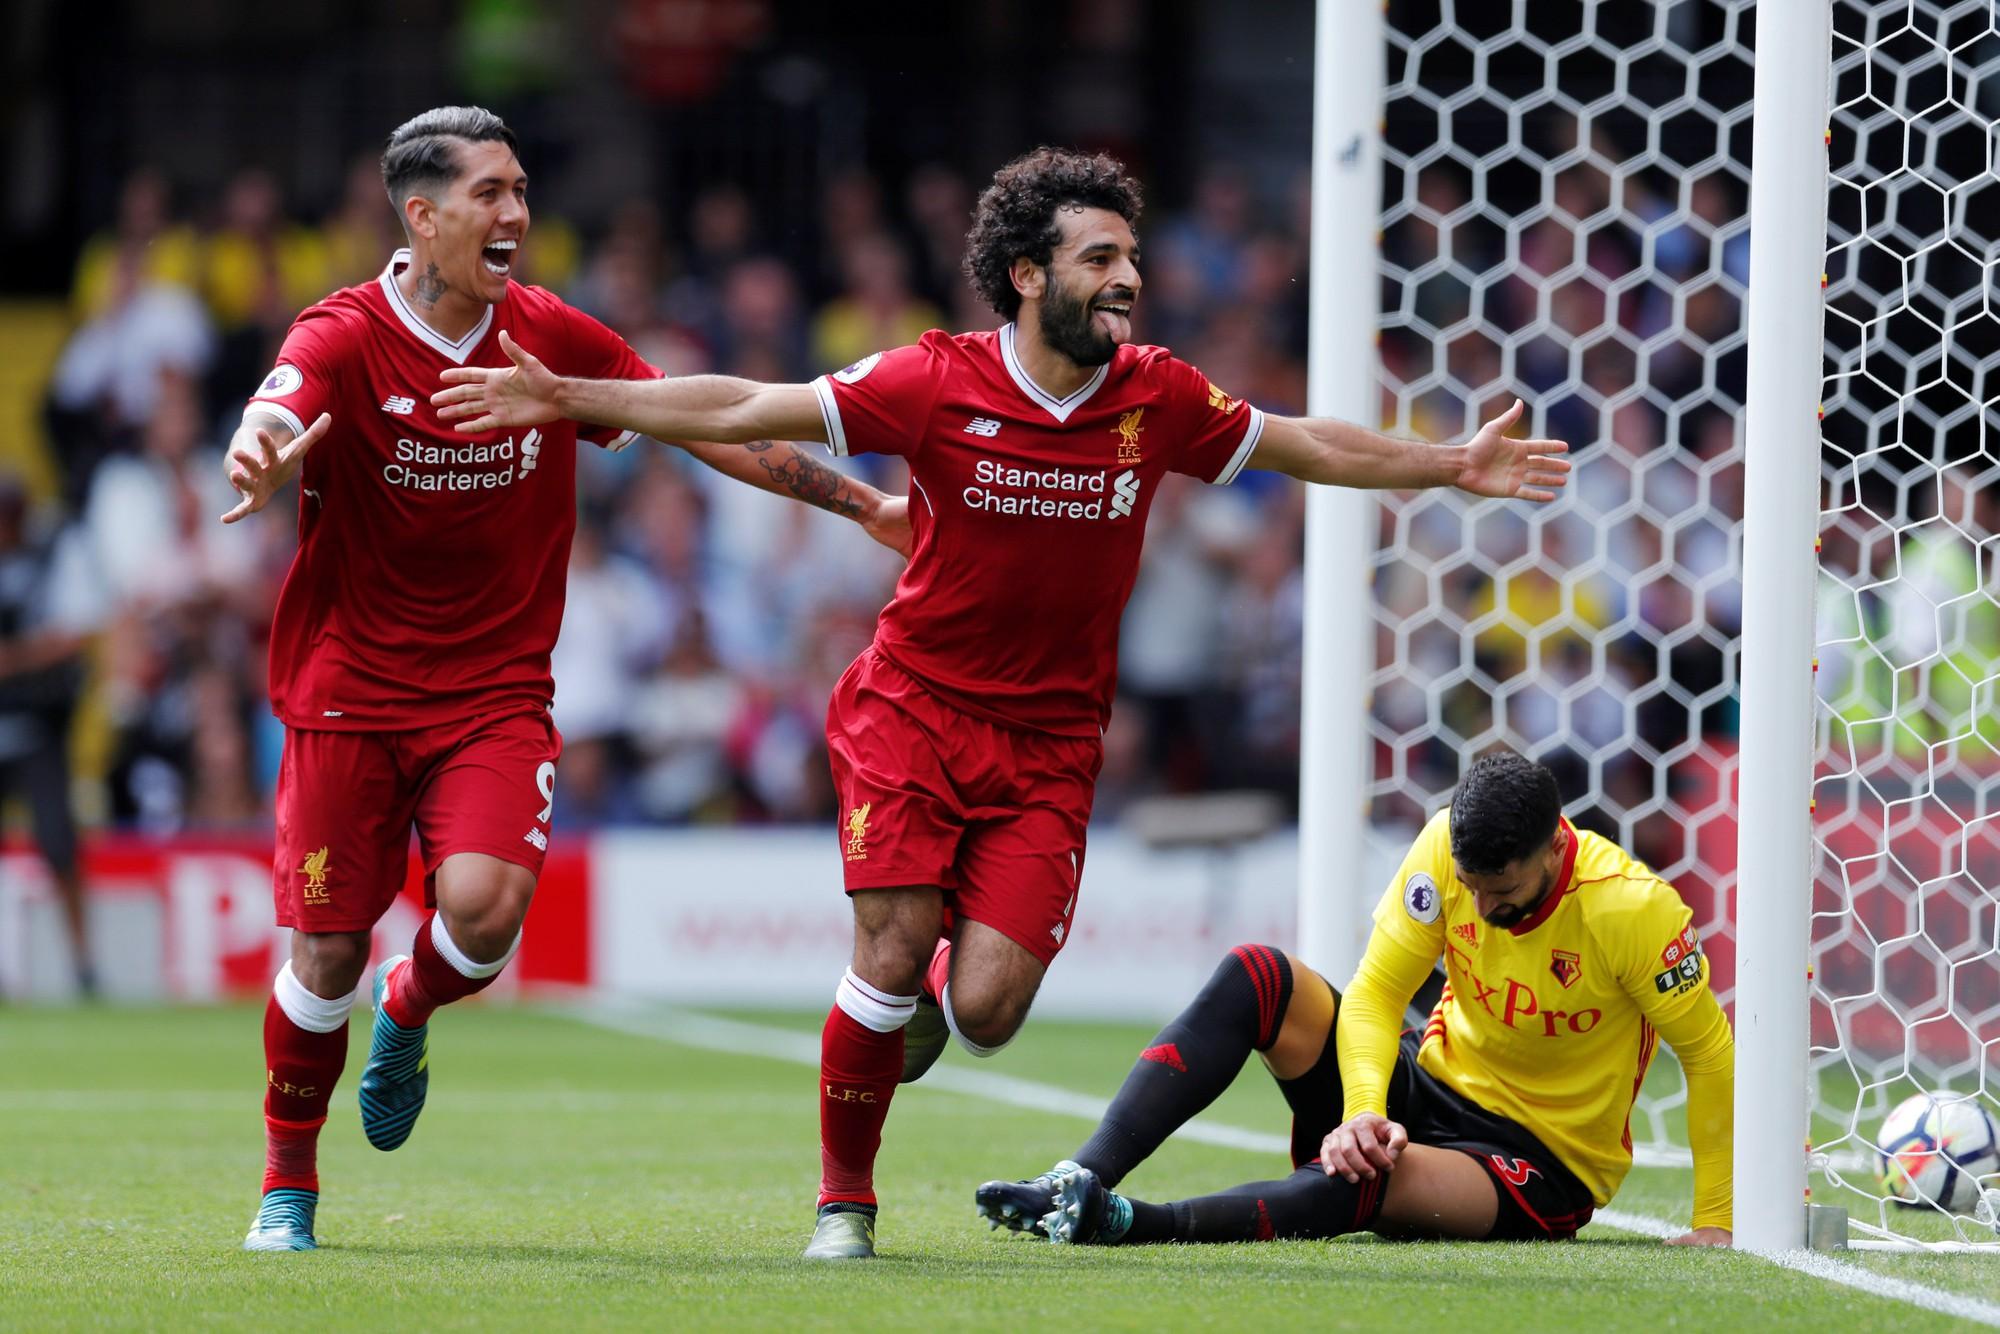 Hình ảnh: Bàn thắng đầu tiên của Salah cho Liverpool chính là vào lưới Waford